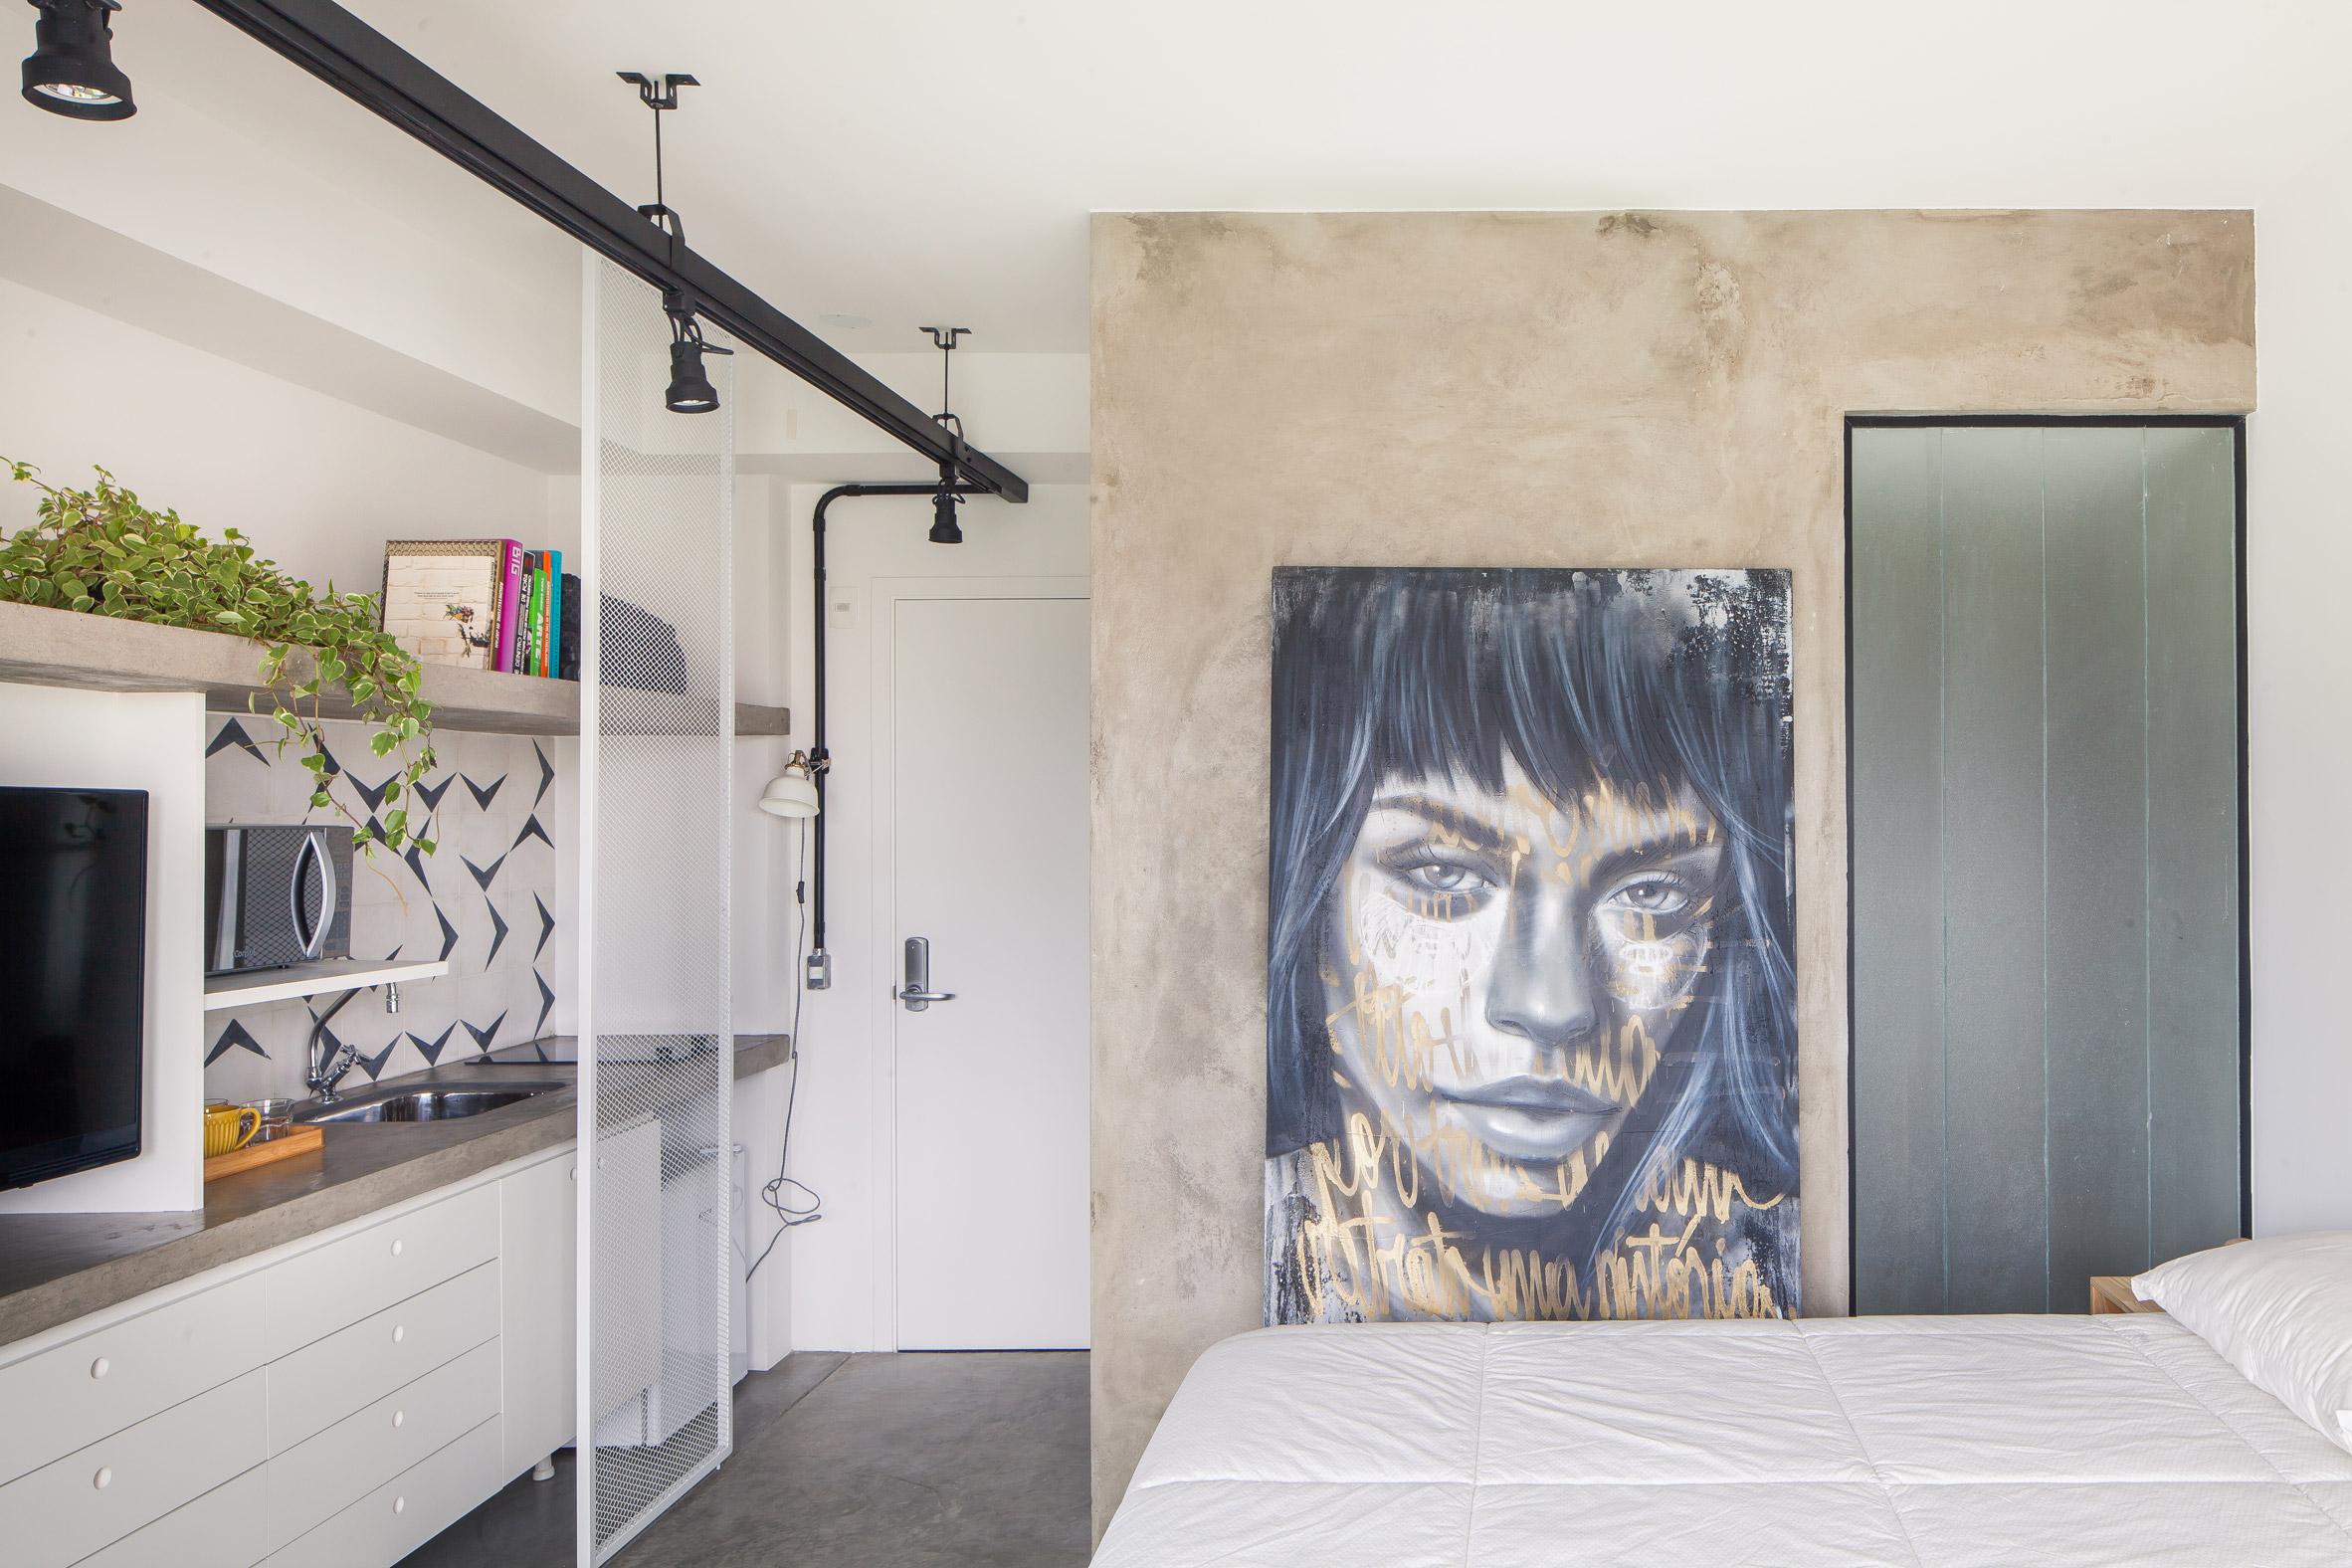 Thiết kế nội thất chung cư diện tích nhỏ 1